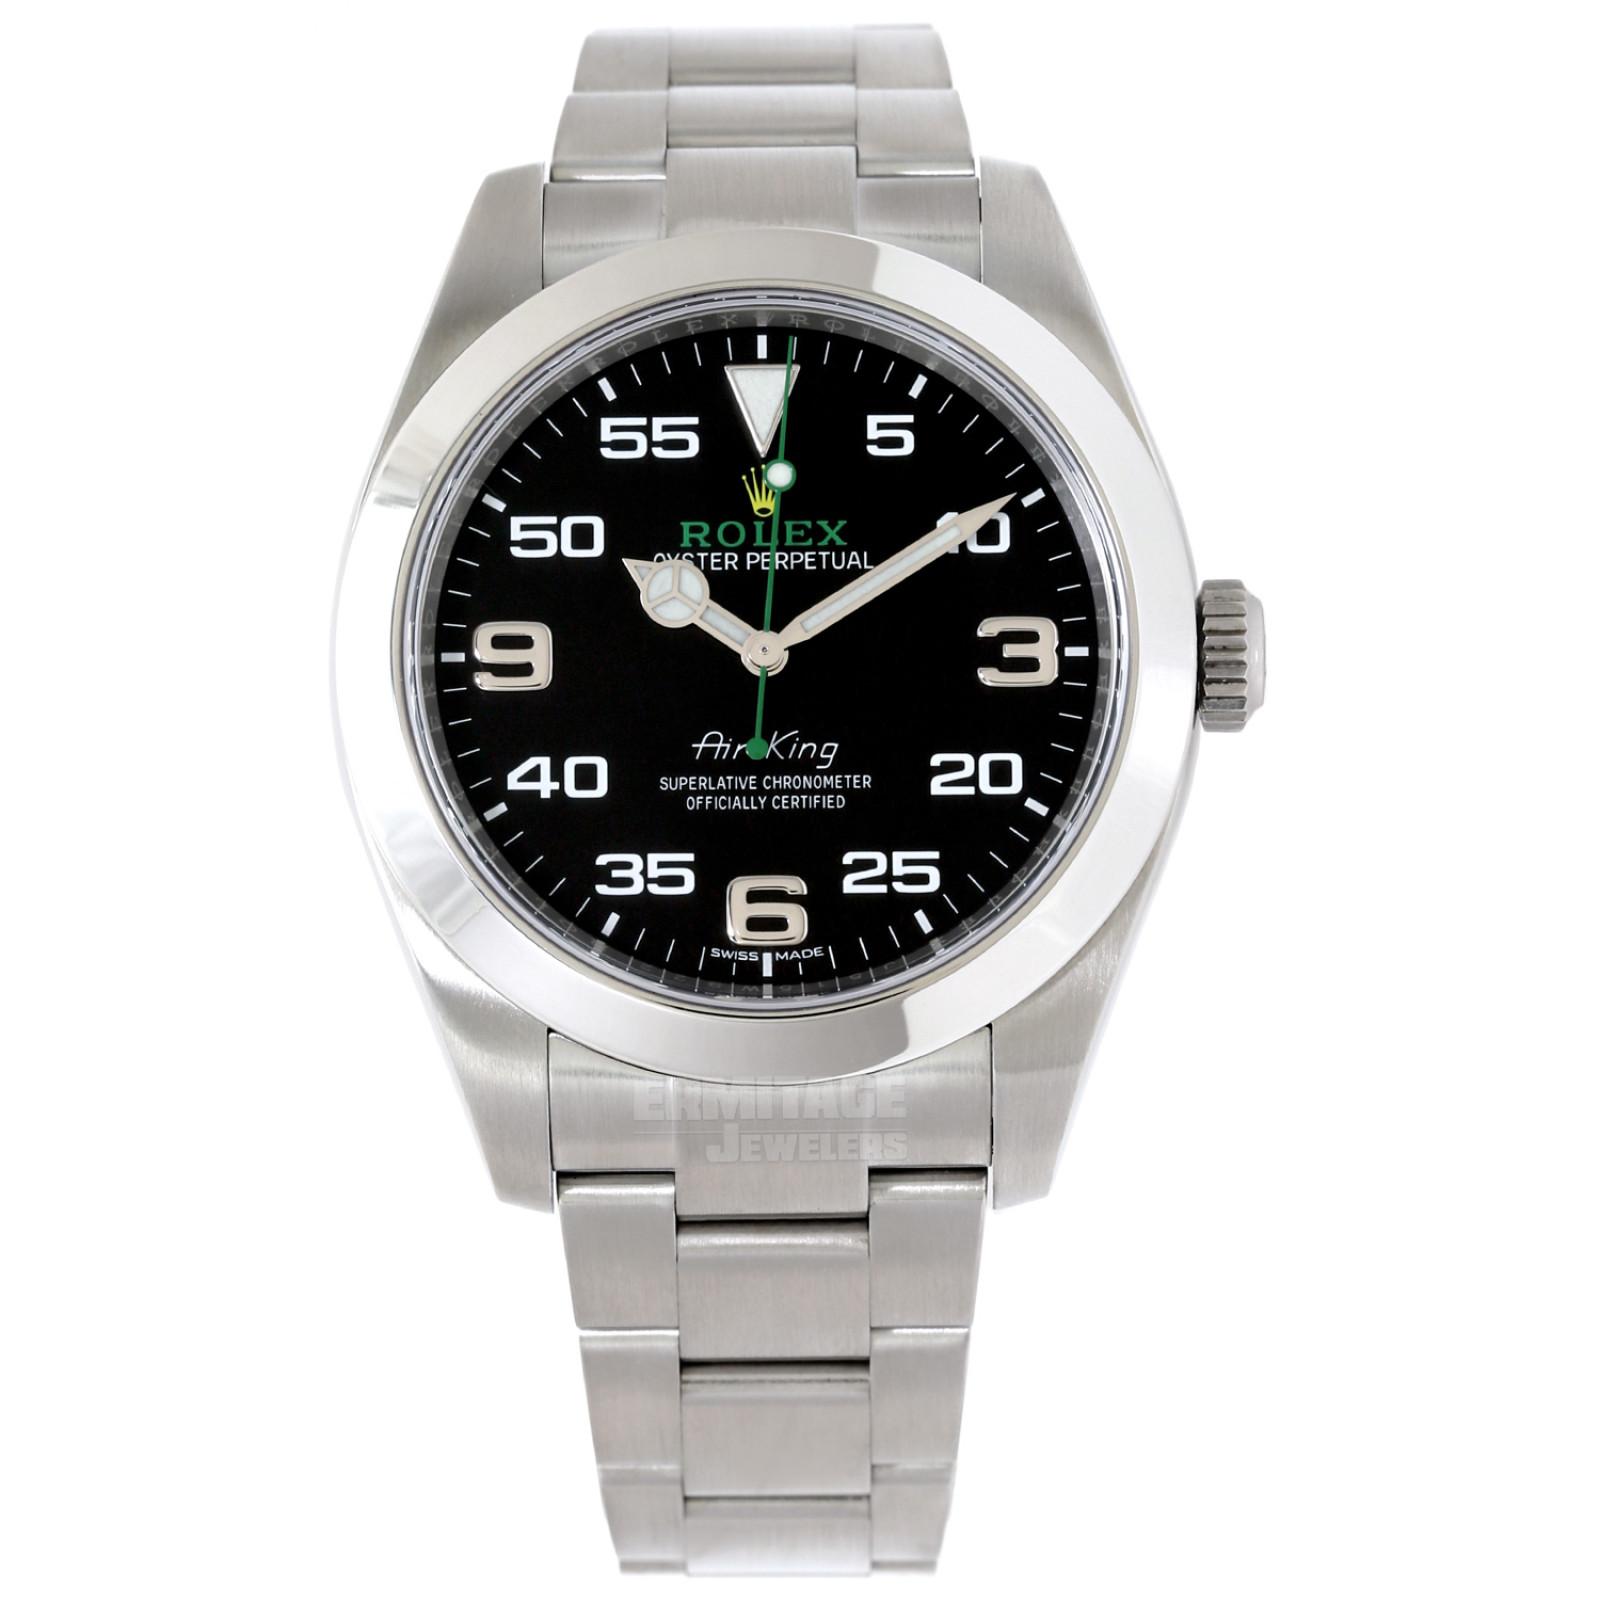 Rolex Air King 116900 40 mm Unworn 2021